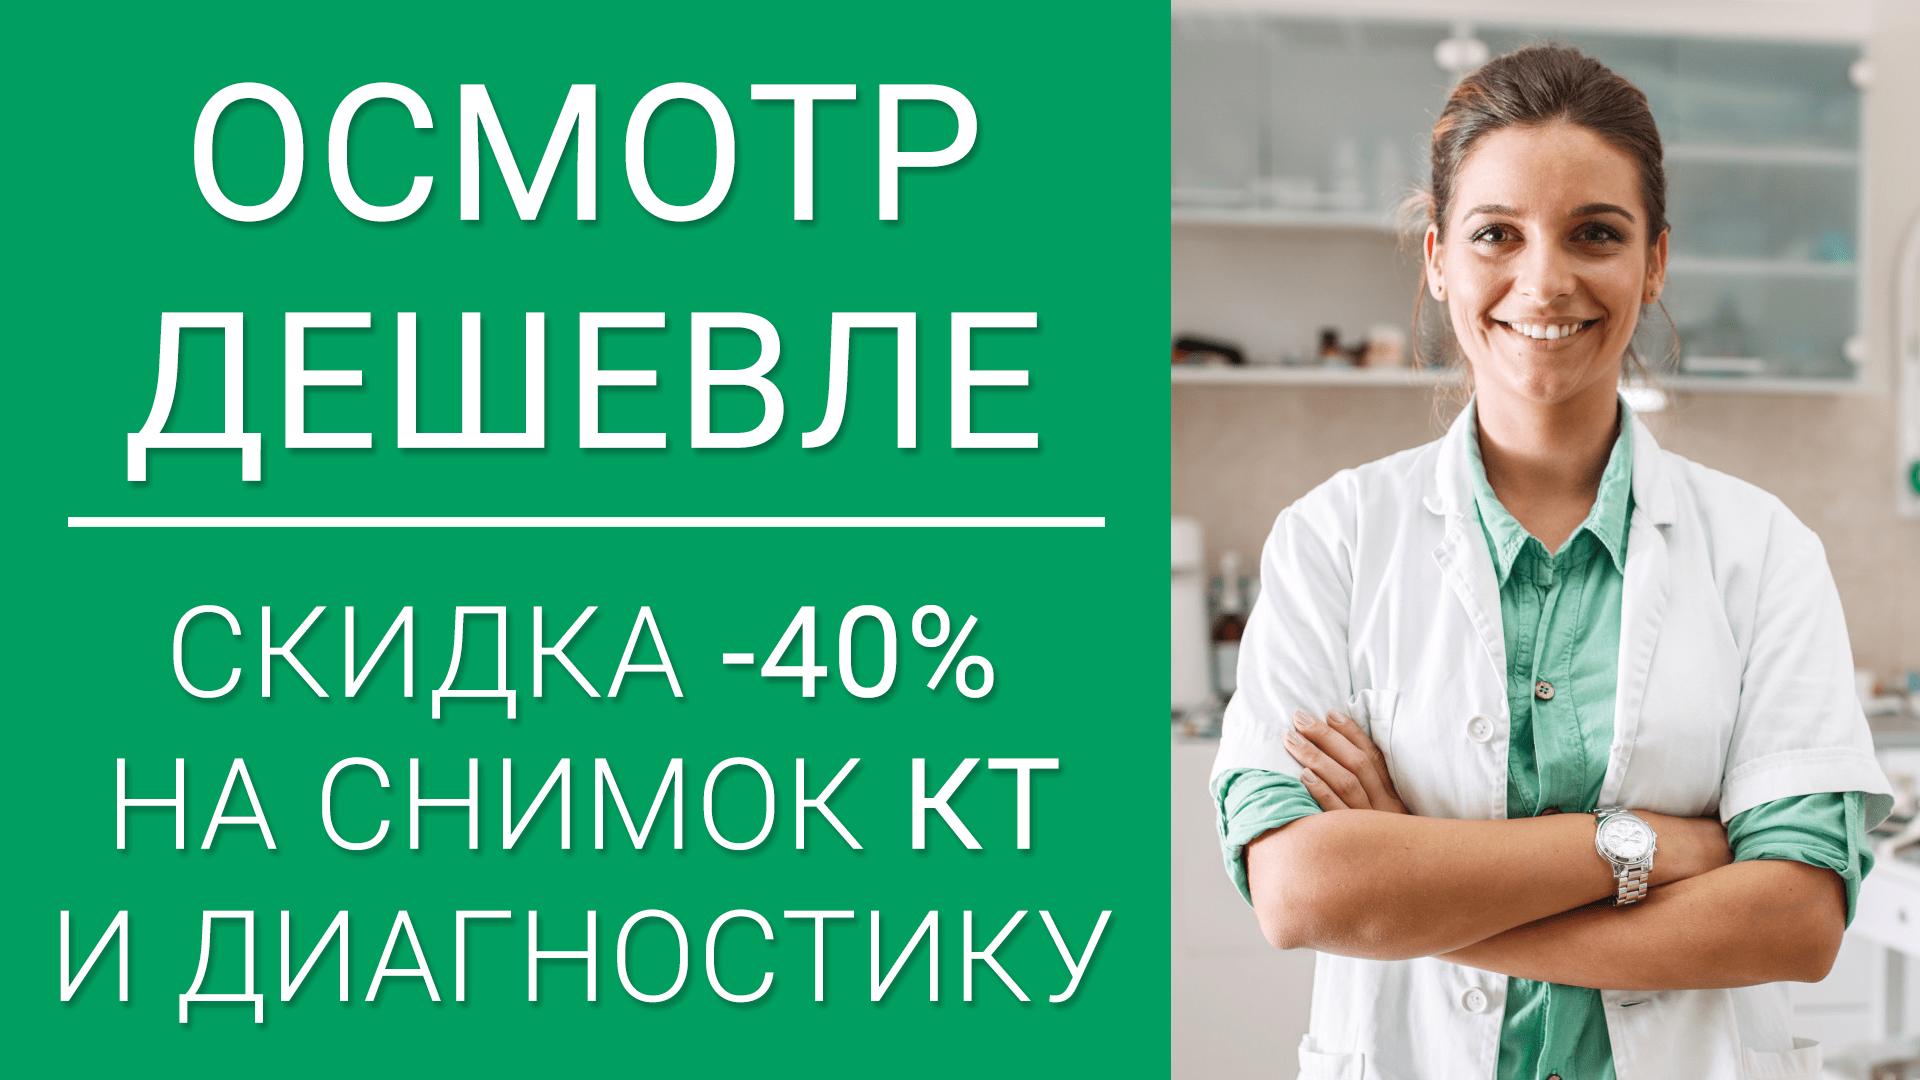 КТ-диагностика зубов + консультация со скидкой -40%